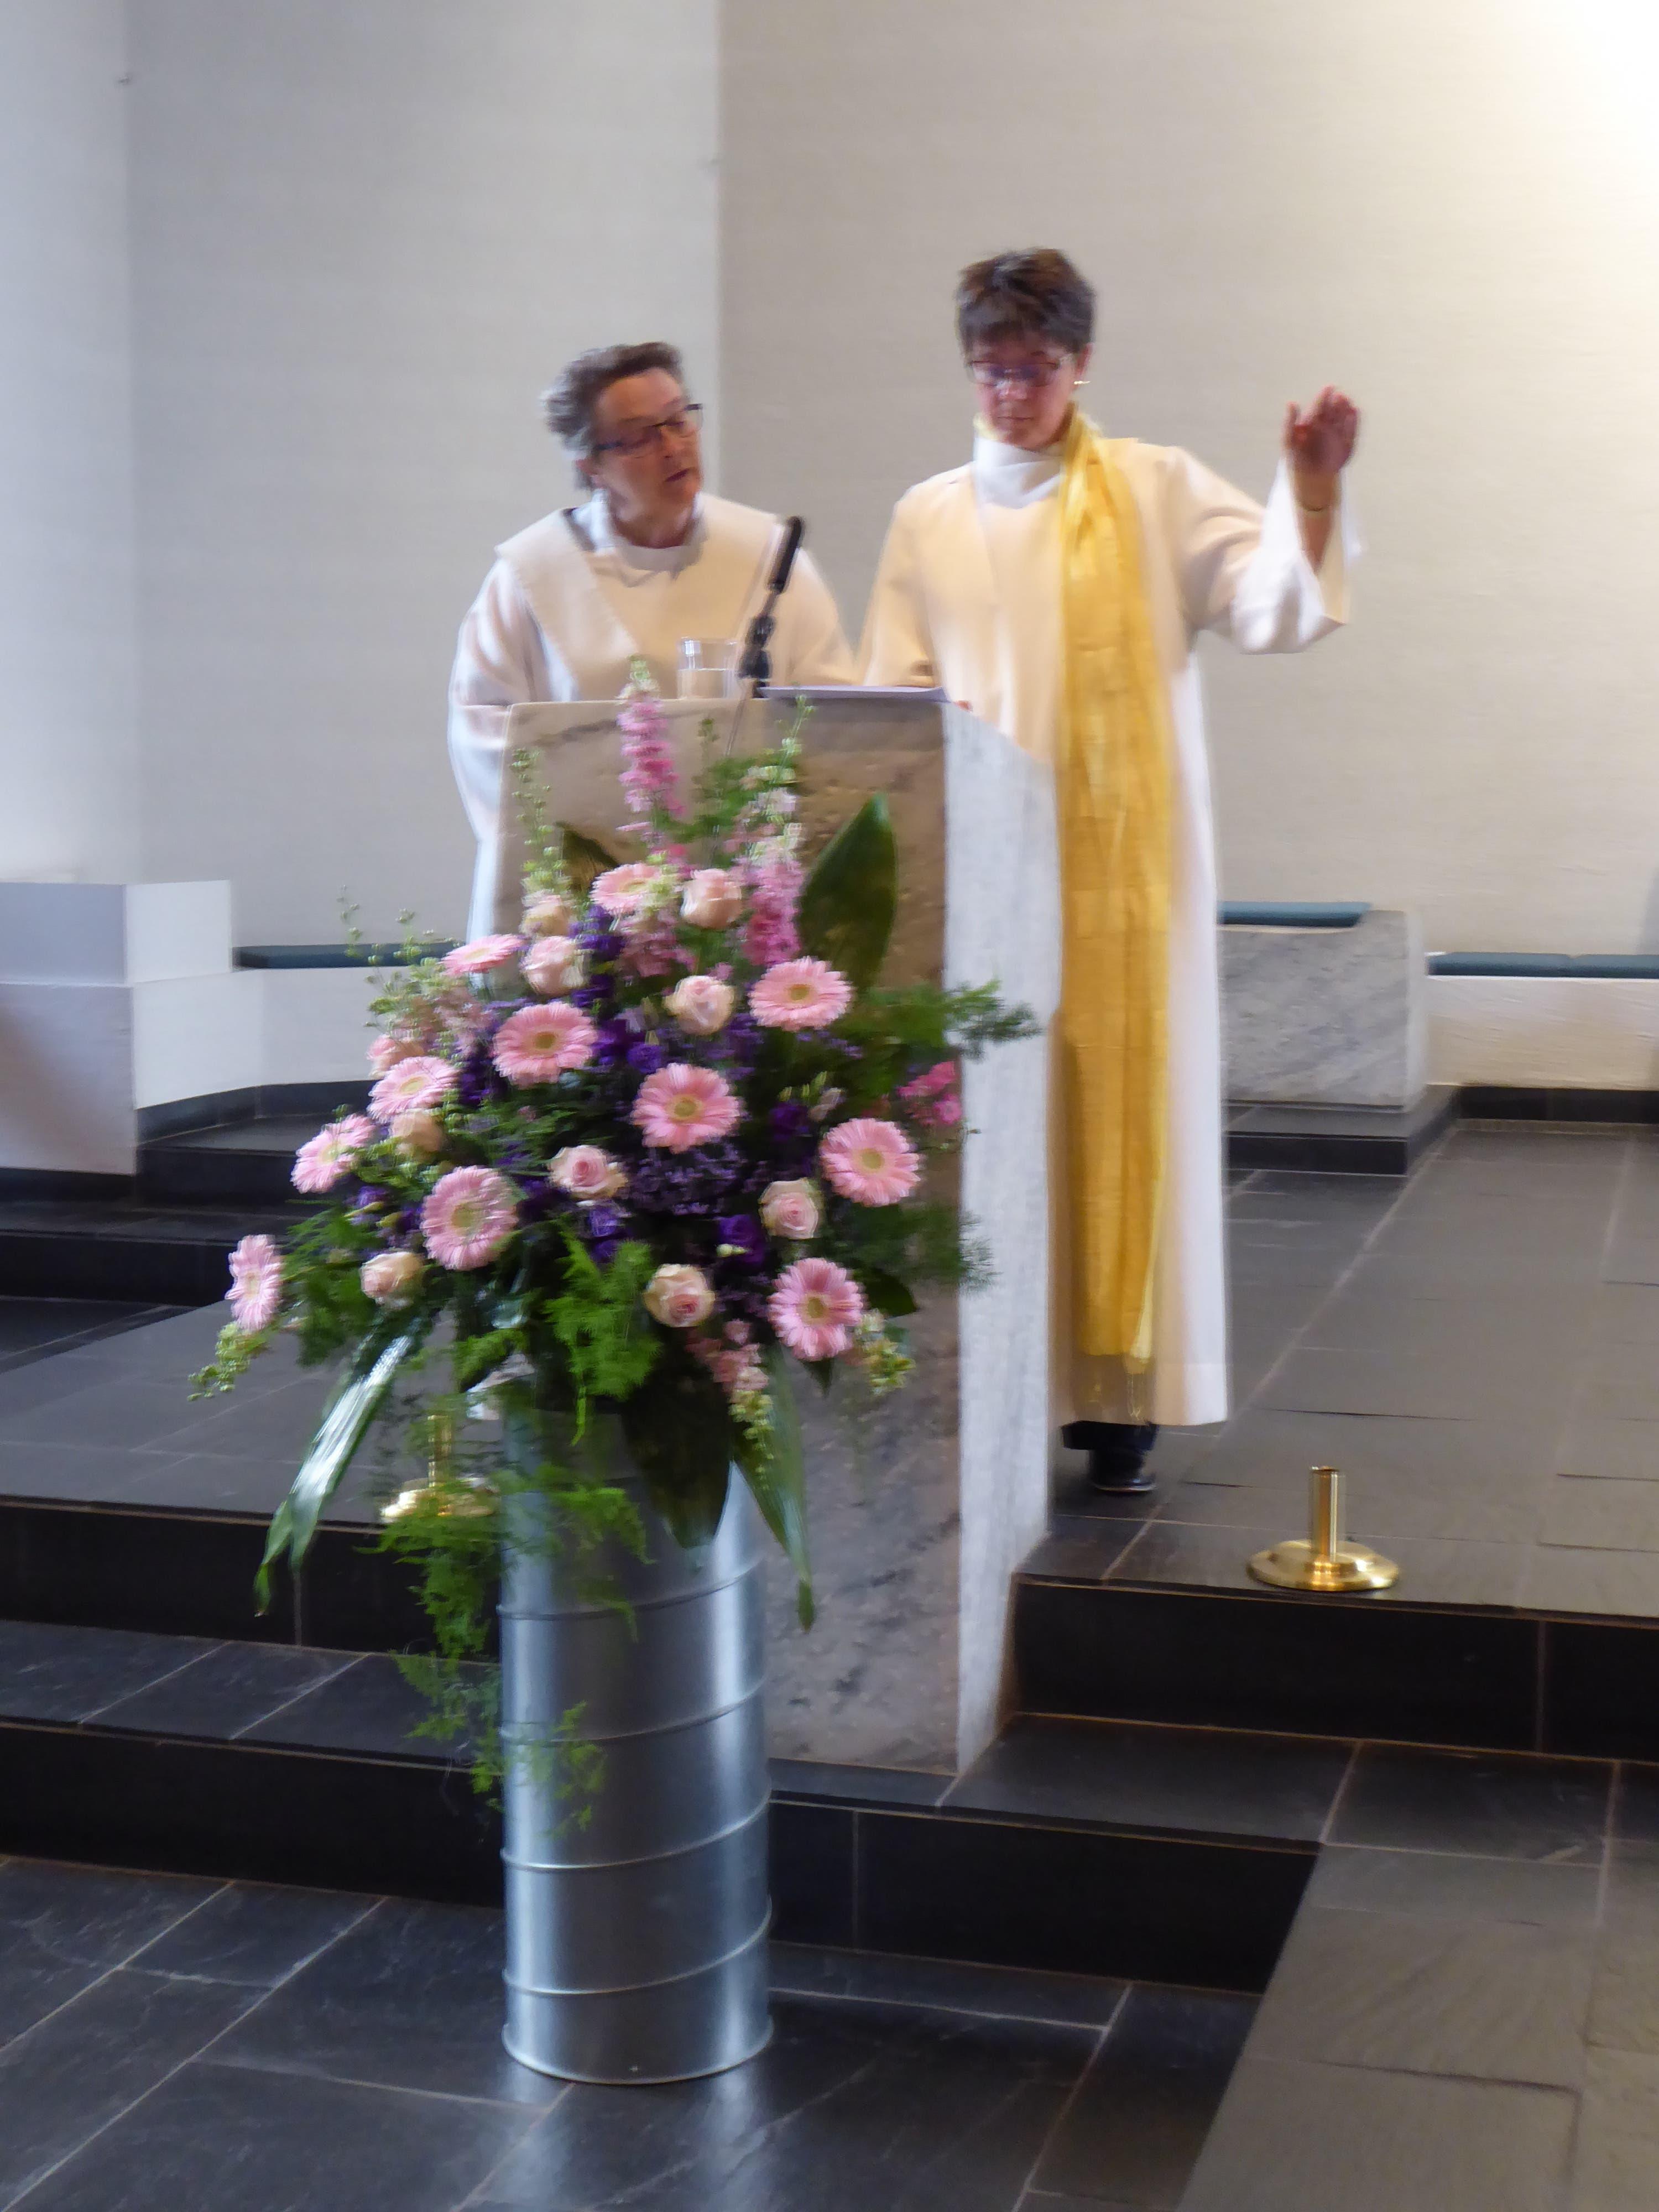 undefined Verbandspräses Beatrice Emmenegger und Pastoralraumleiterin Andrea Allemann gestalteten den feierlichen Wortgottesdienst